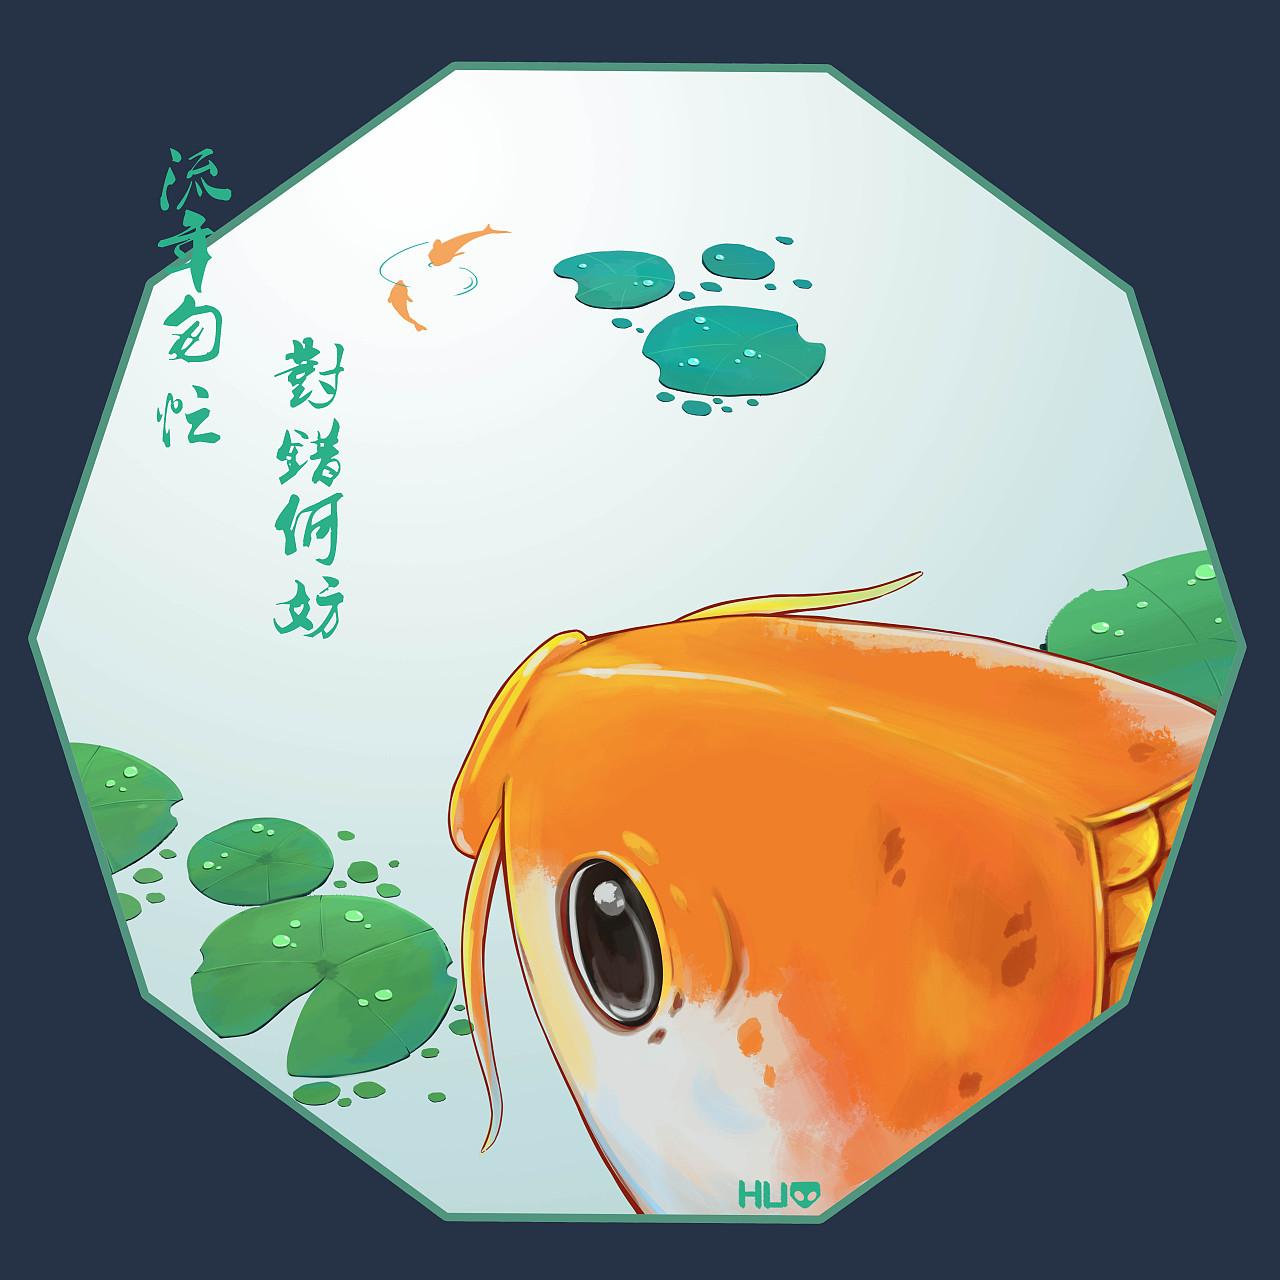 锦鲤图片古风手绘